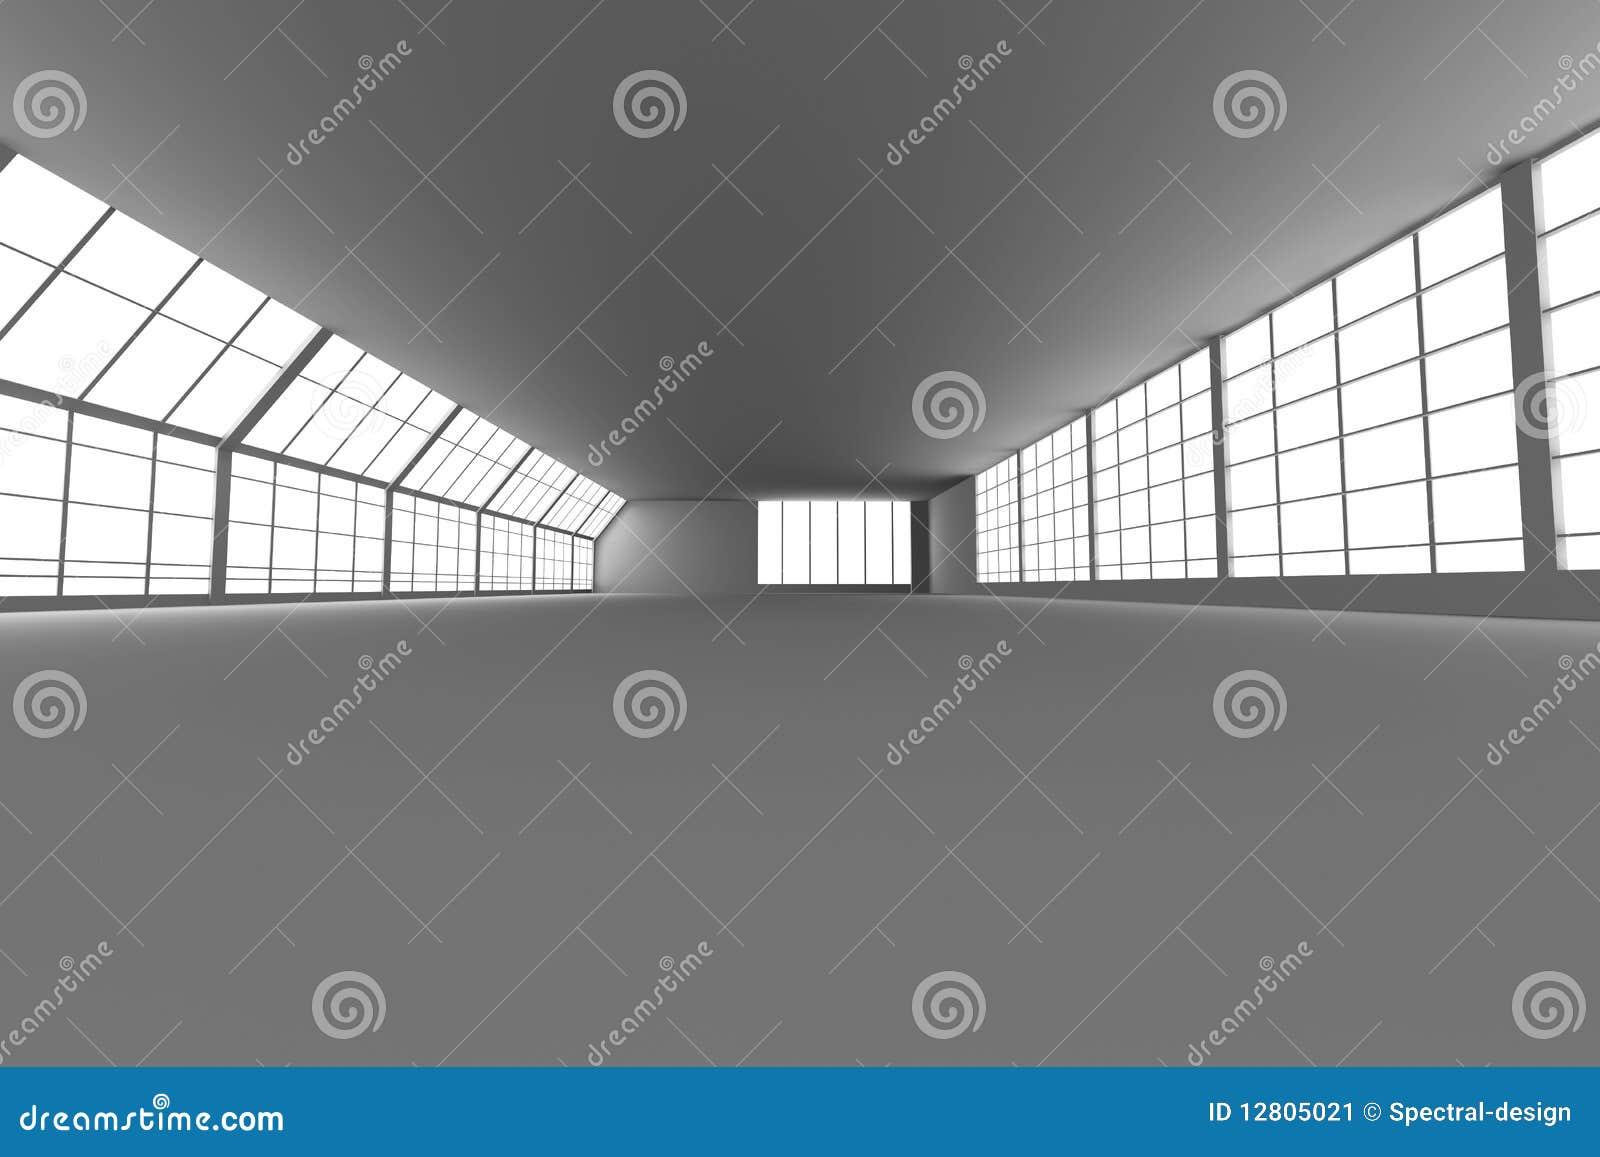 Arquitetura do corredor